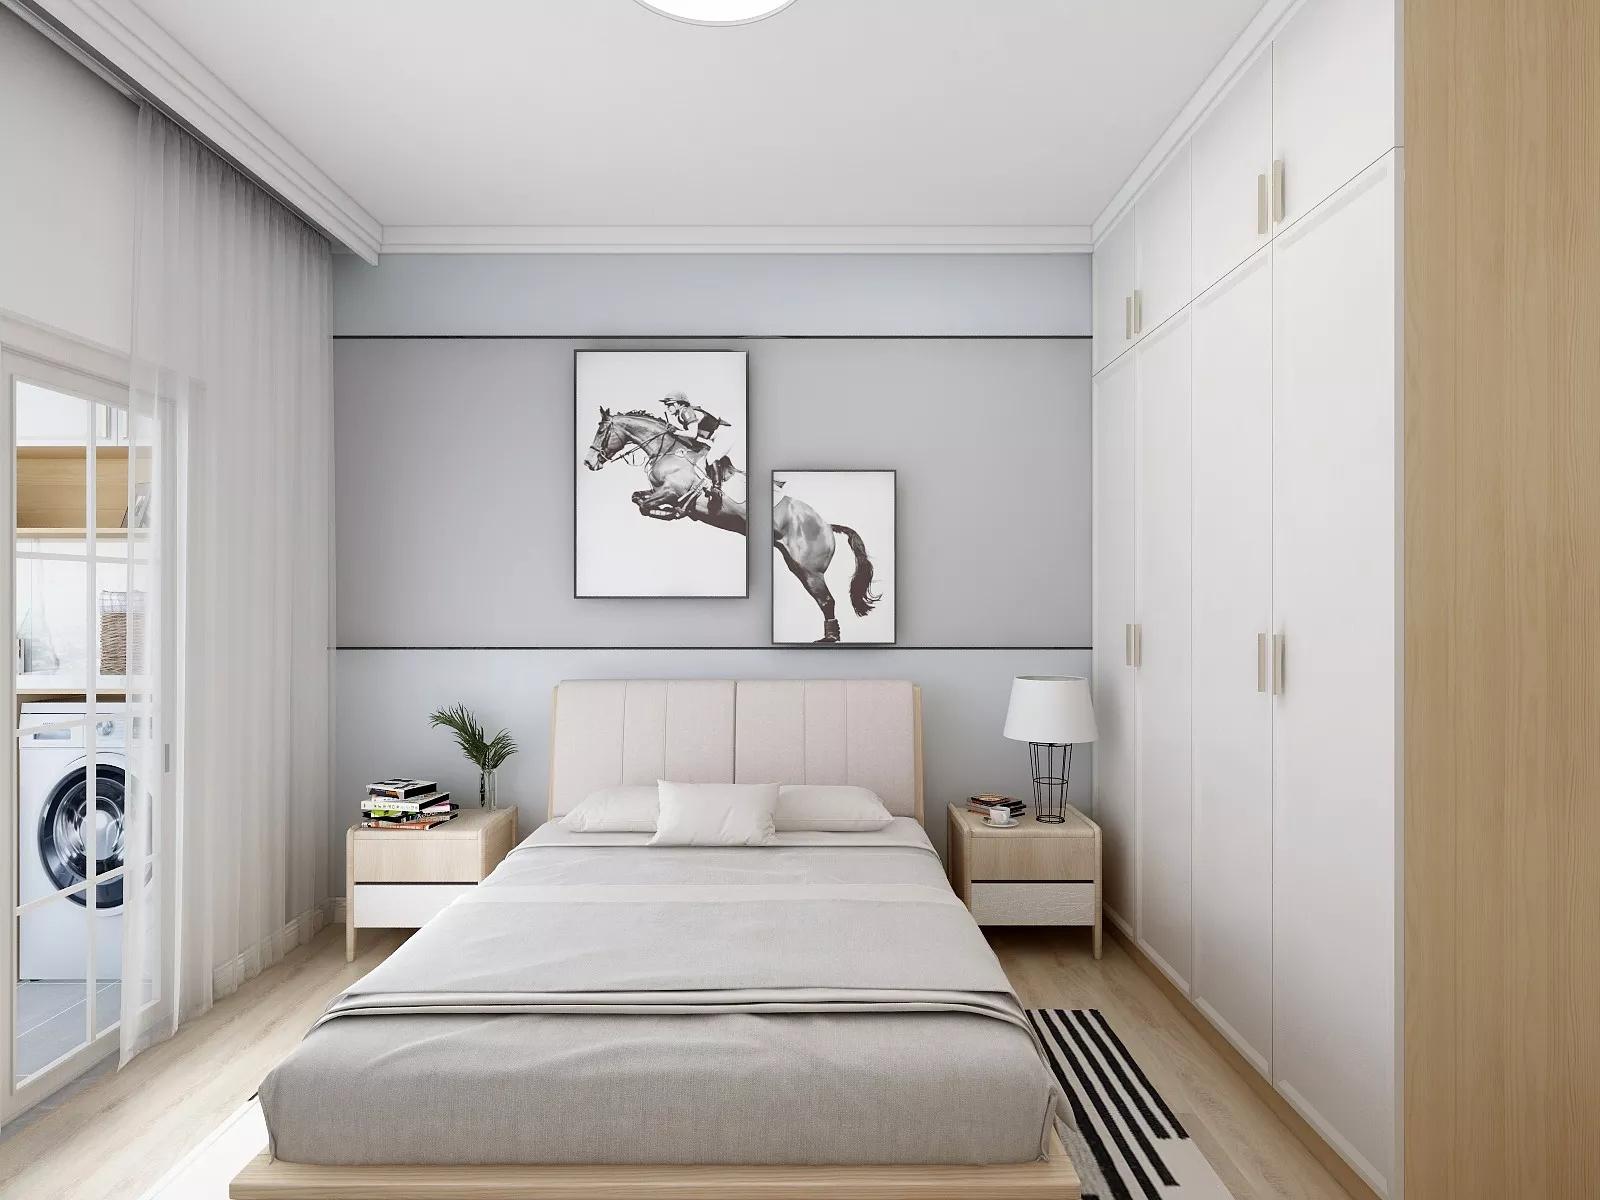 公寓墙面漆颜色选哪种好?公寓墙面漆什么颜色合适?